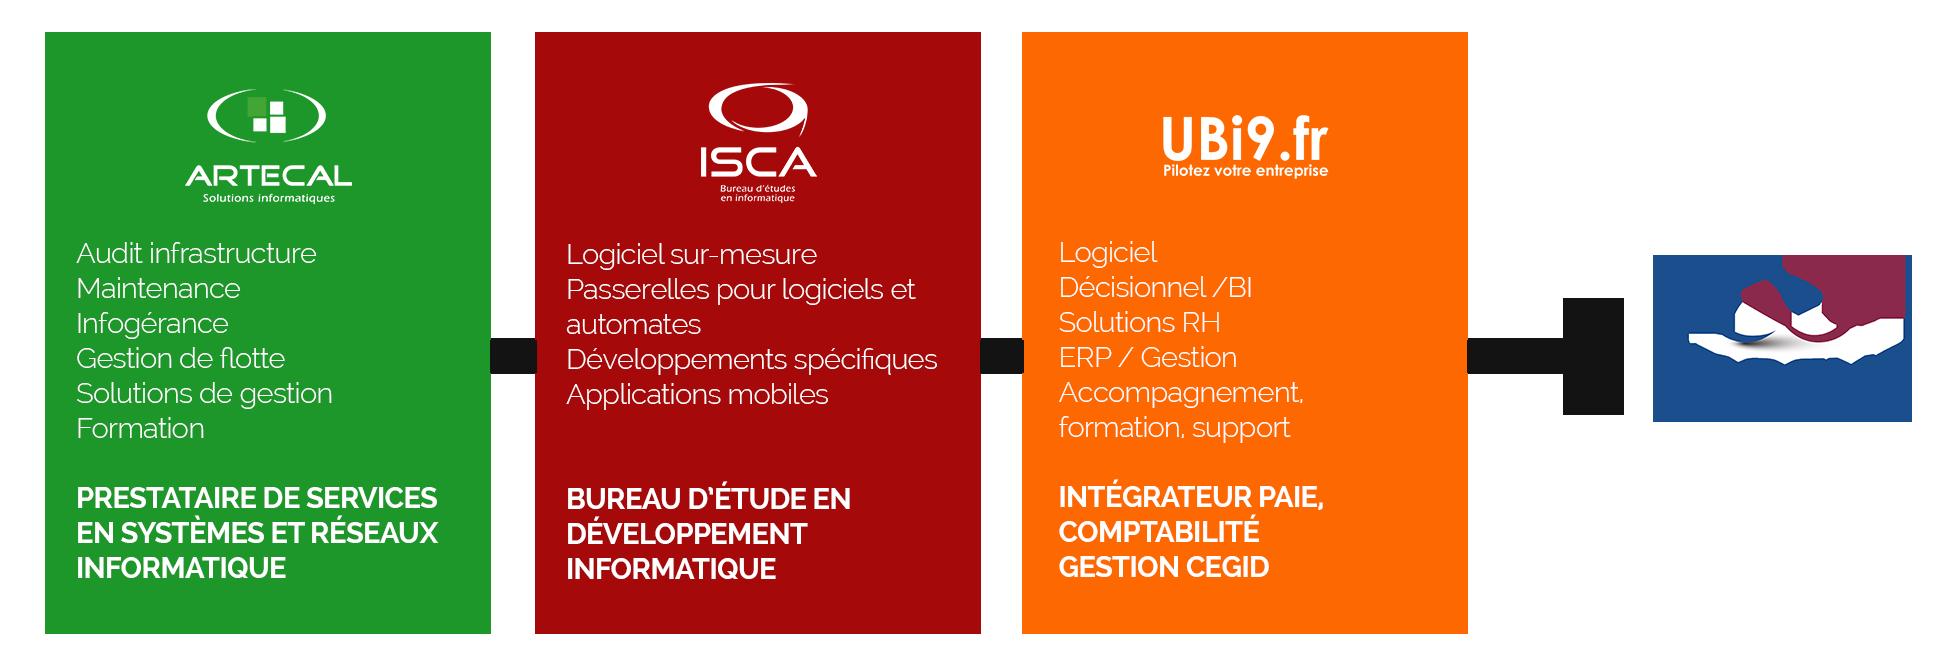 Progys Groupe - Alsace - Sélestat : Artecal , ISCA, UBI9